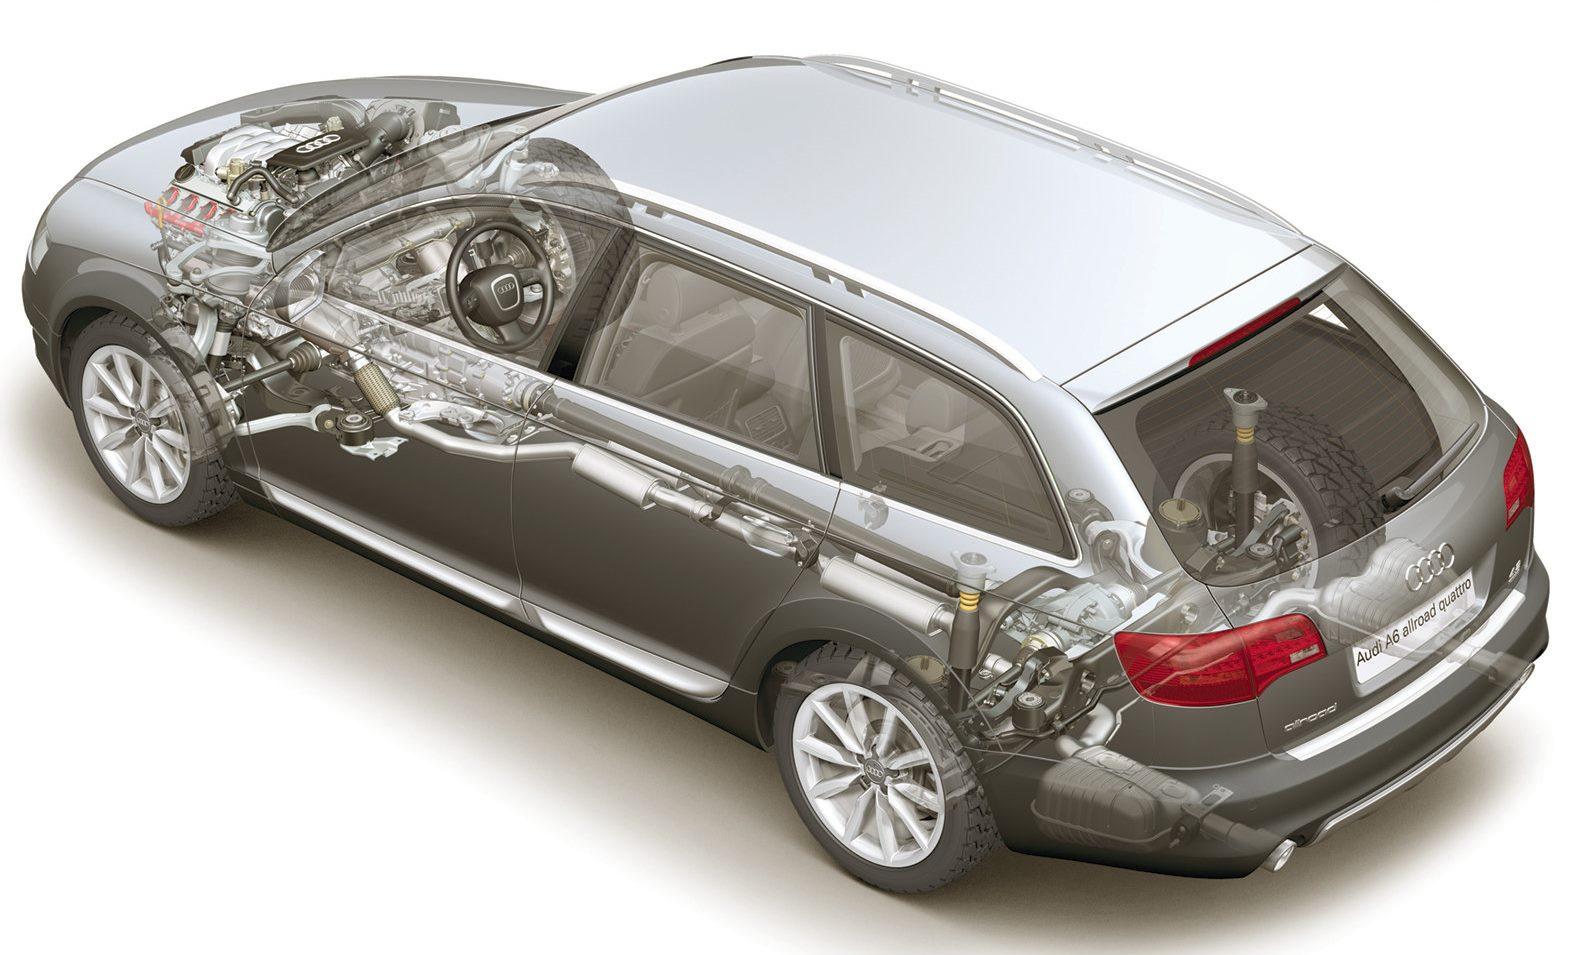 Audi-A6 allroad quattro-2006-1600-28